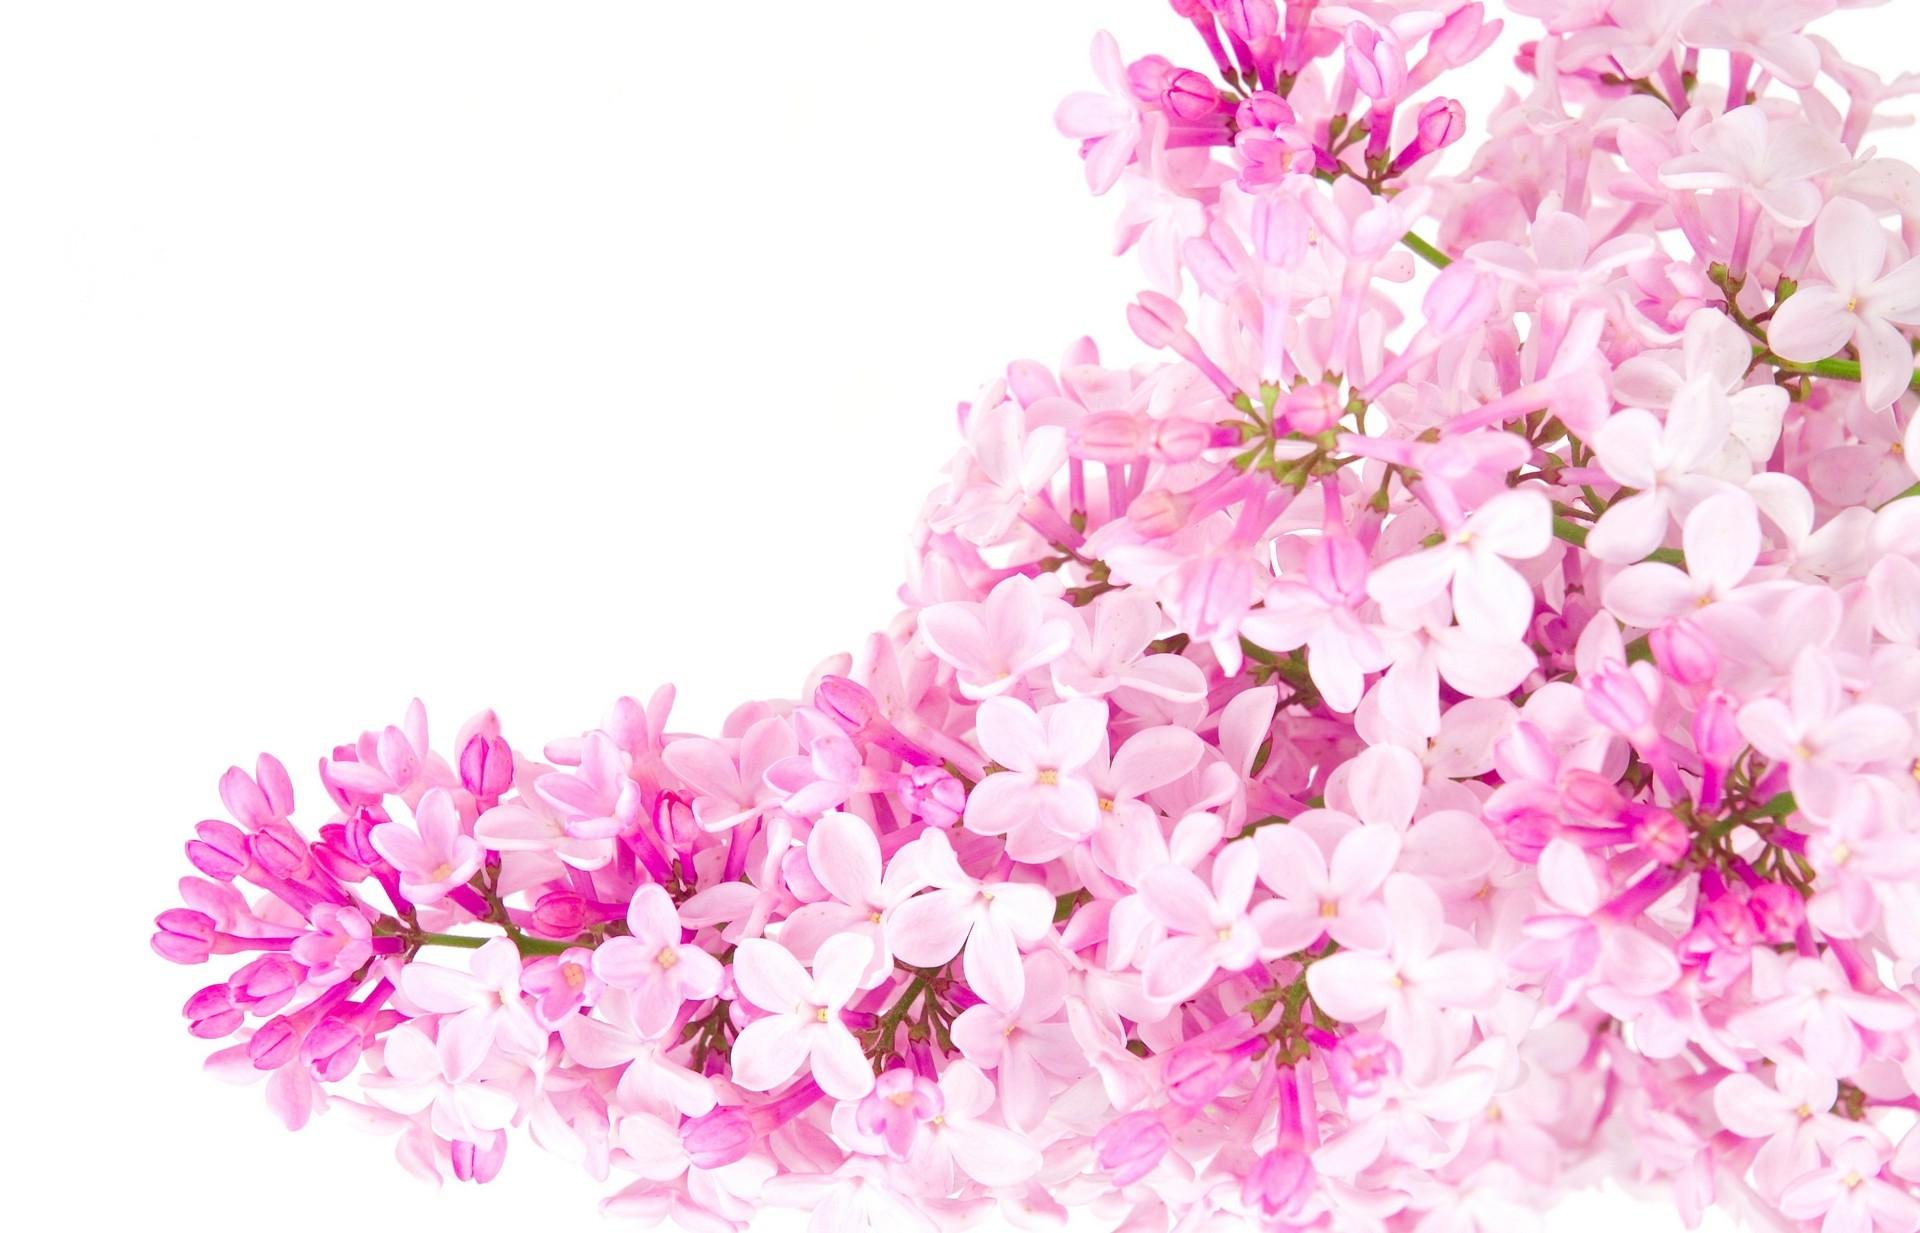 Pink flowers 162 free wallpaper hdflowerwallpaper pink flowers hd wallpaper mightylinksfo